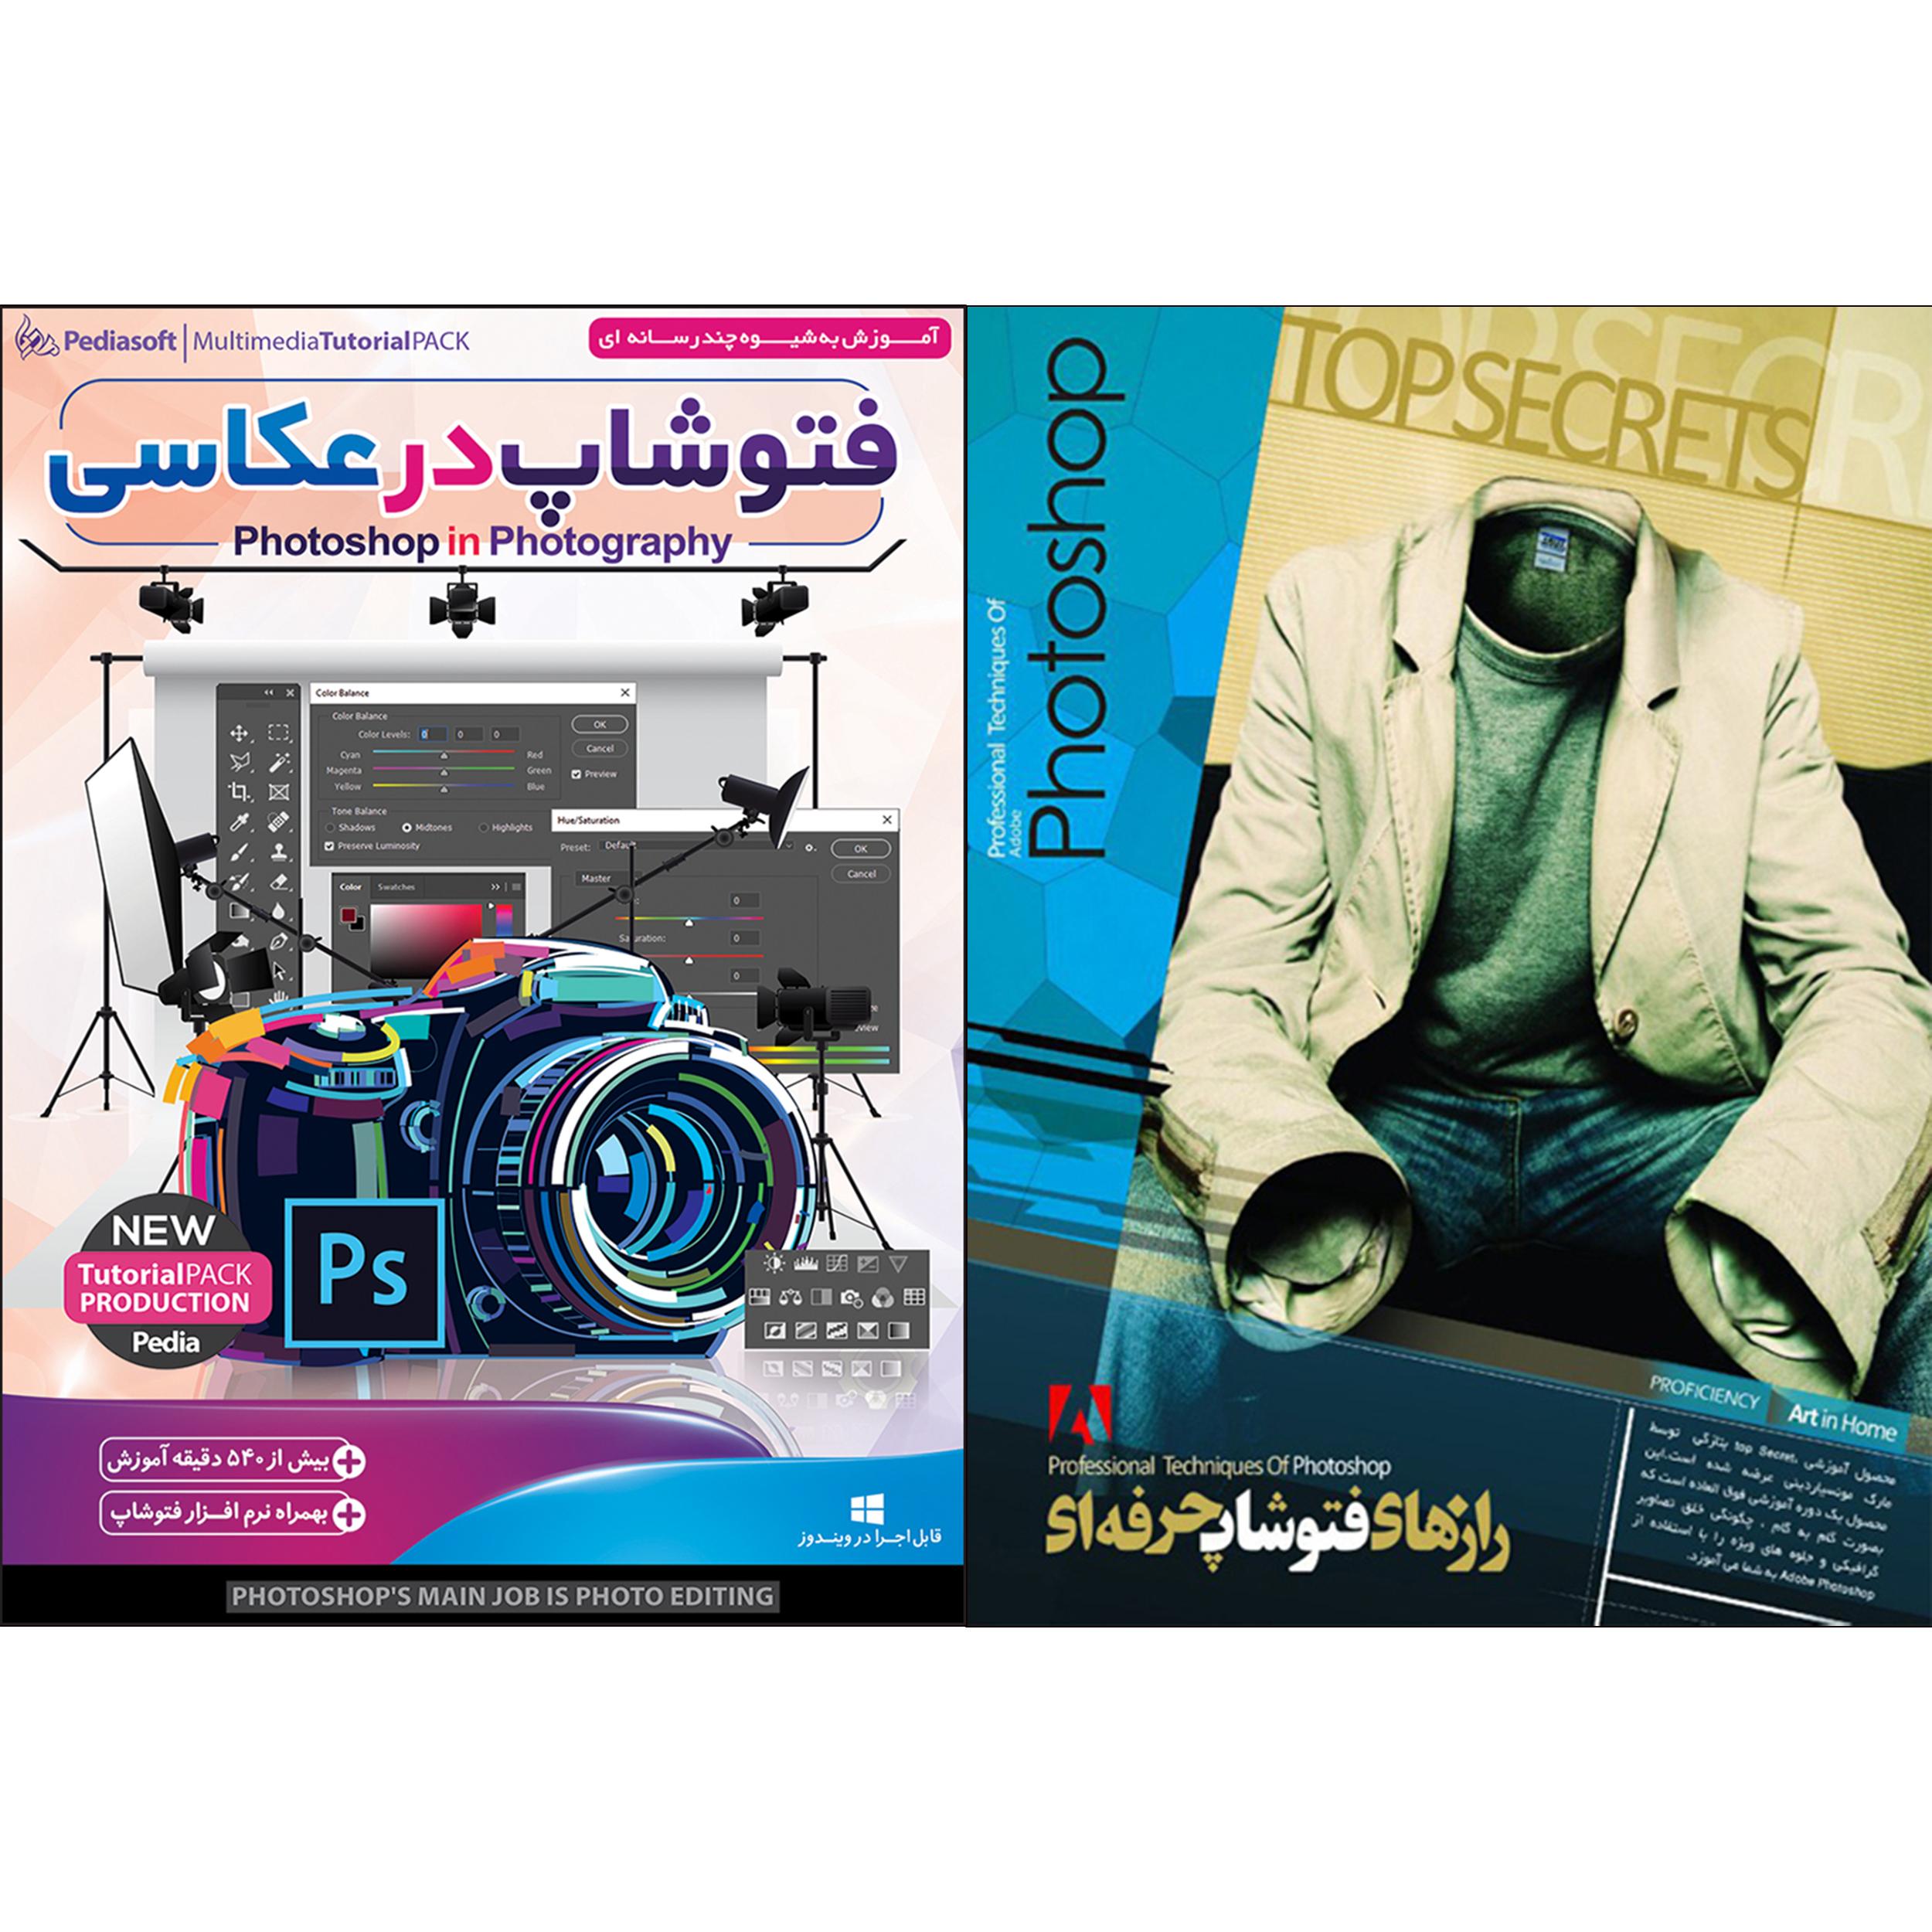 نرم افزار آموزش راز های فتوشاپ حرفه ای نشر الکترونیک پانا به همراه نرم افزار آموزش عکاسی در فتوشاپ نشر پدیا سافت